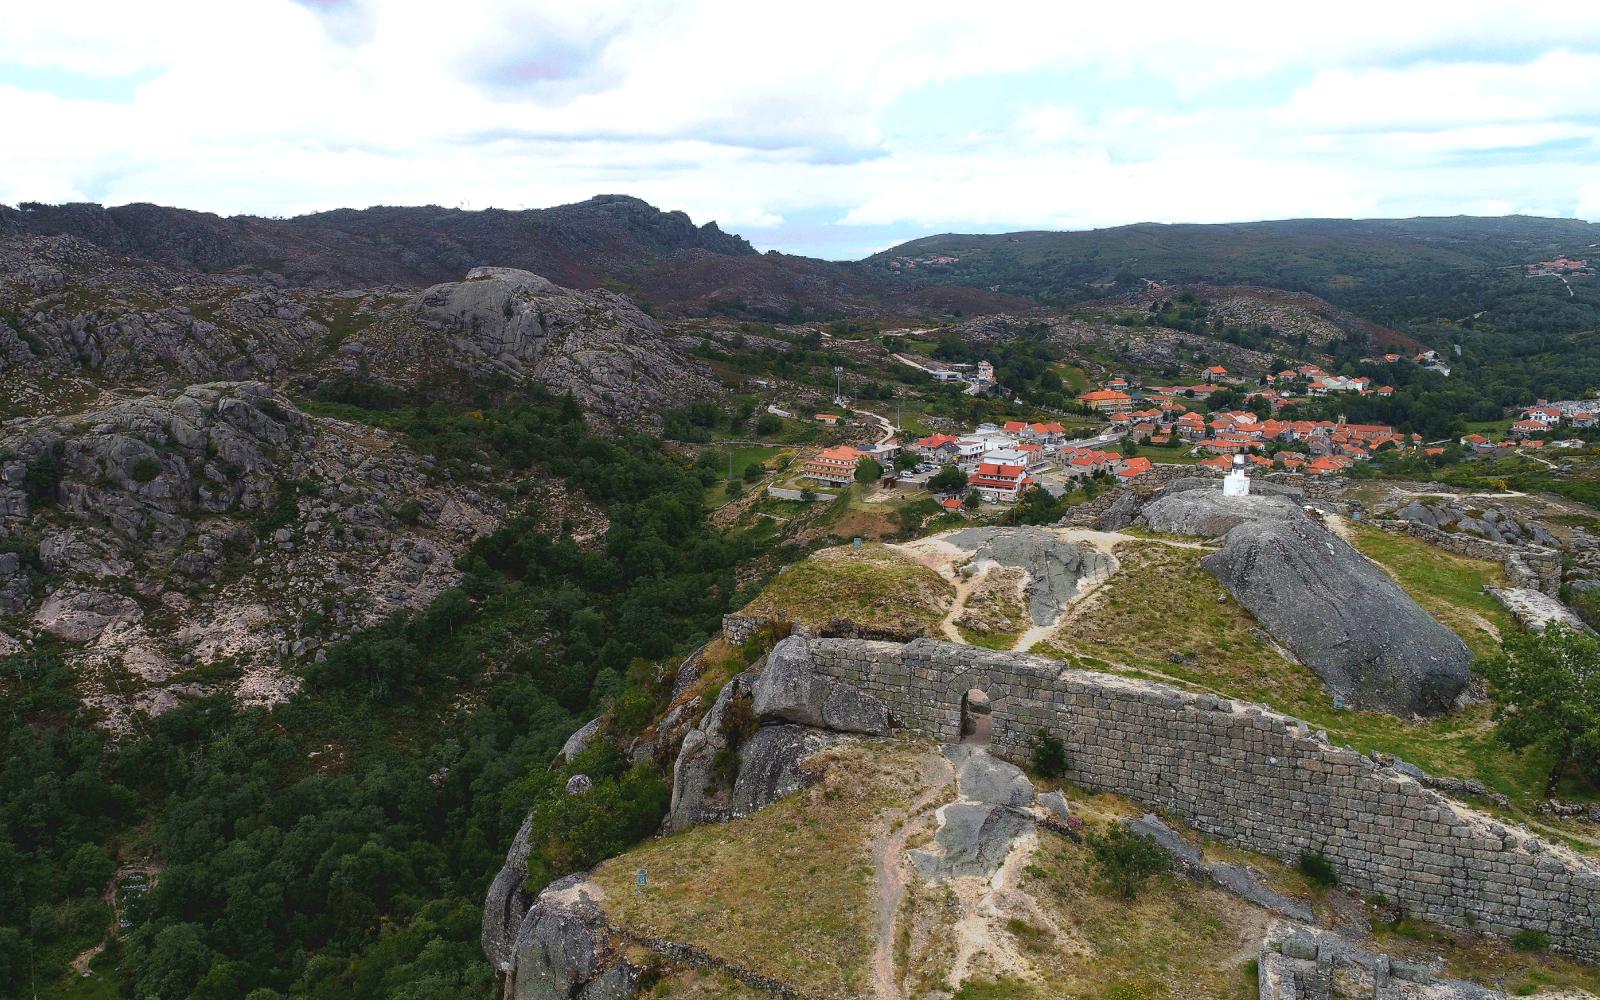 miraodouro-do-castelo 3314